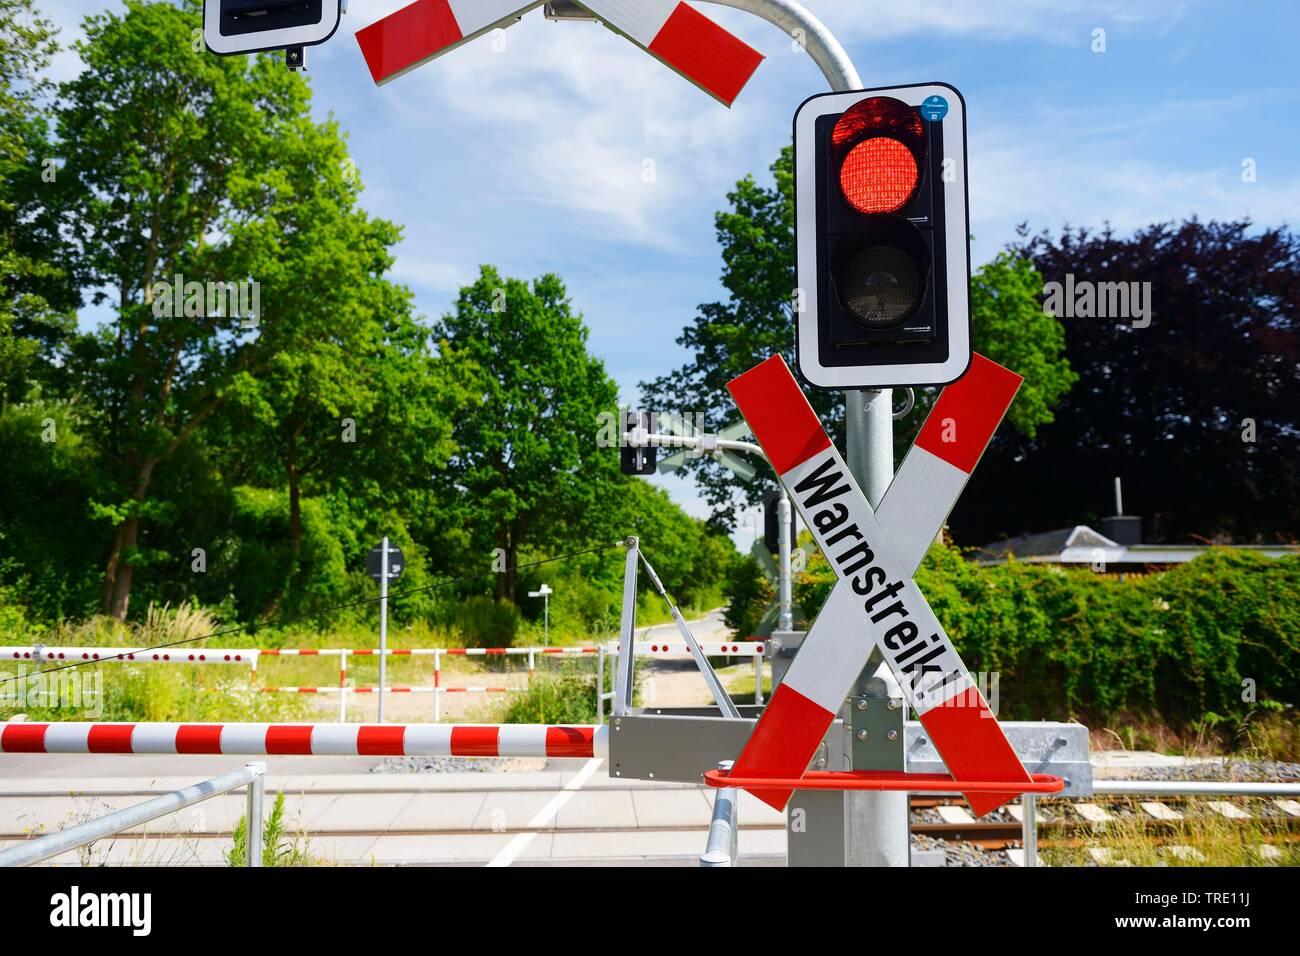 Geschlossener Bahnuebergang mit Aufschrift WARNSTREIK symbolisch fuer Bahnstreik, Deutschland | Closed railway crossing lettering WARNSTREIK (warning - Stock Image